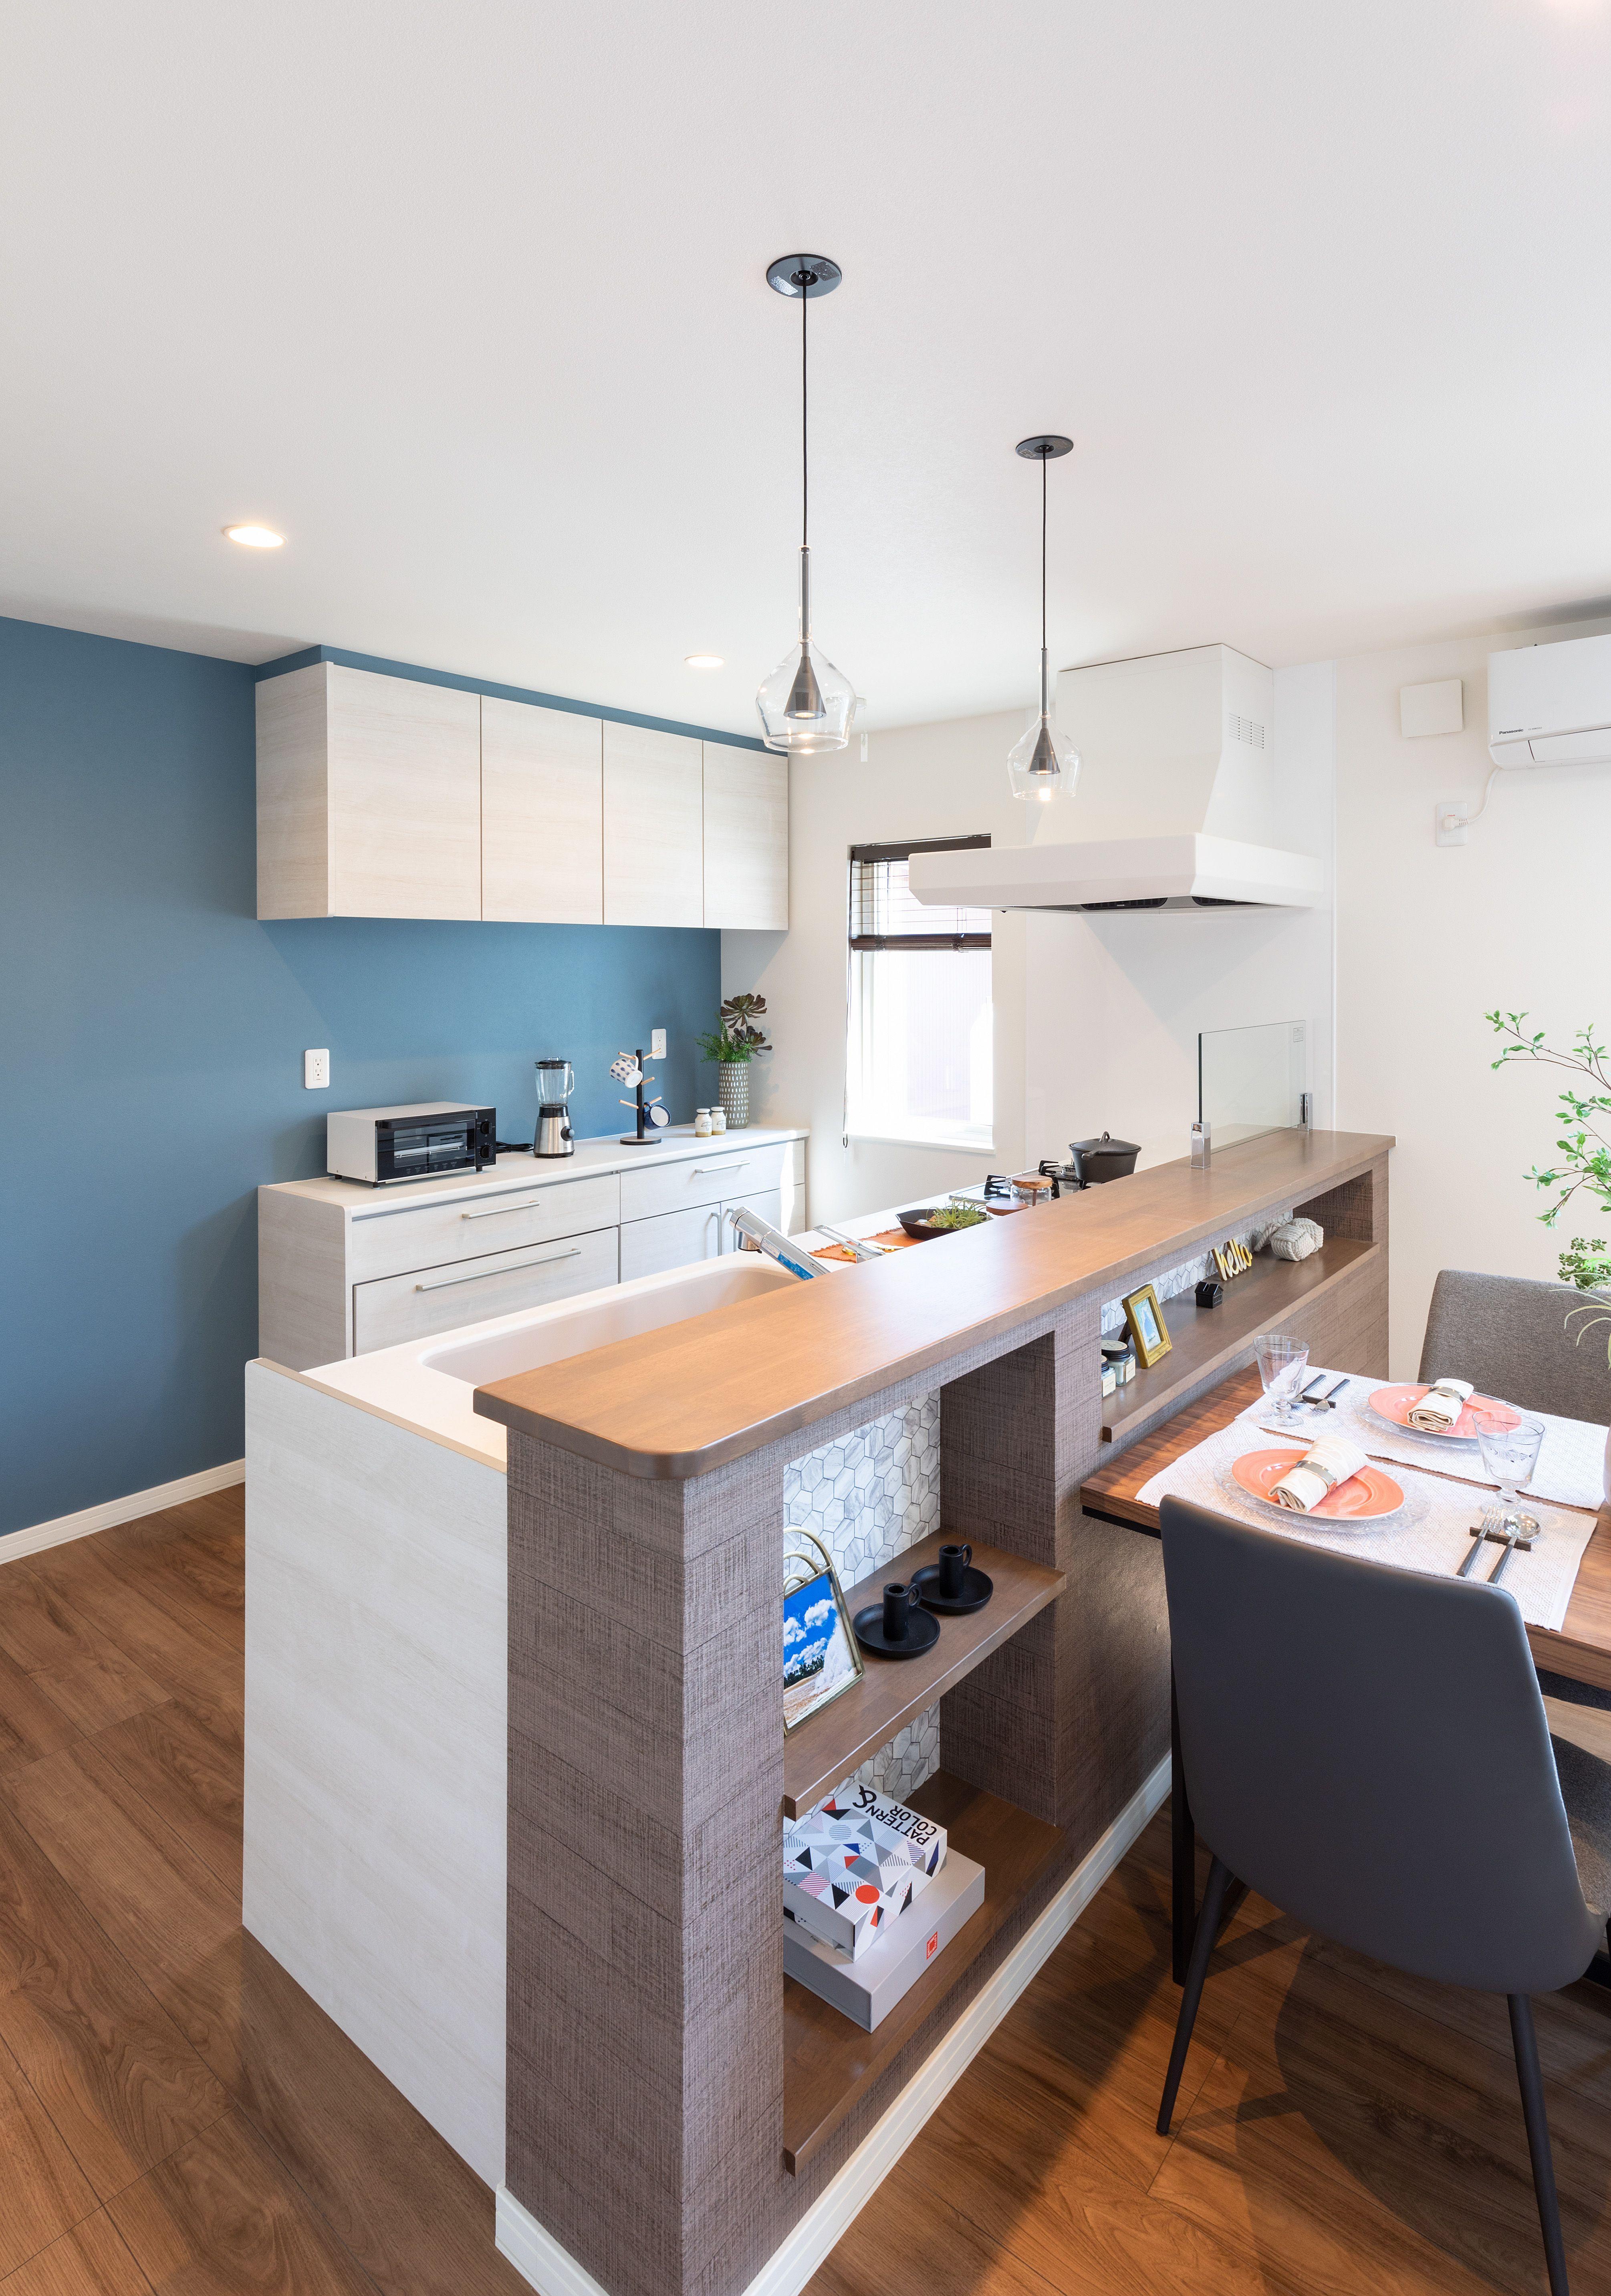 キッチンの壁はブルーグレー カフェ風のダイニングテーブルとチェアを